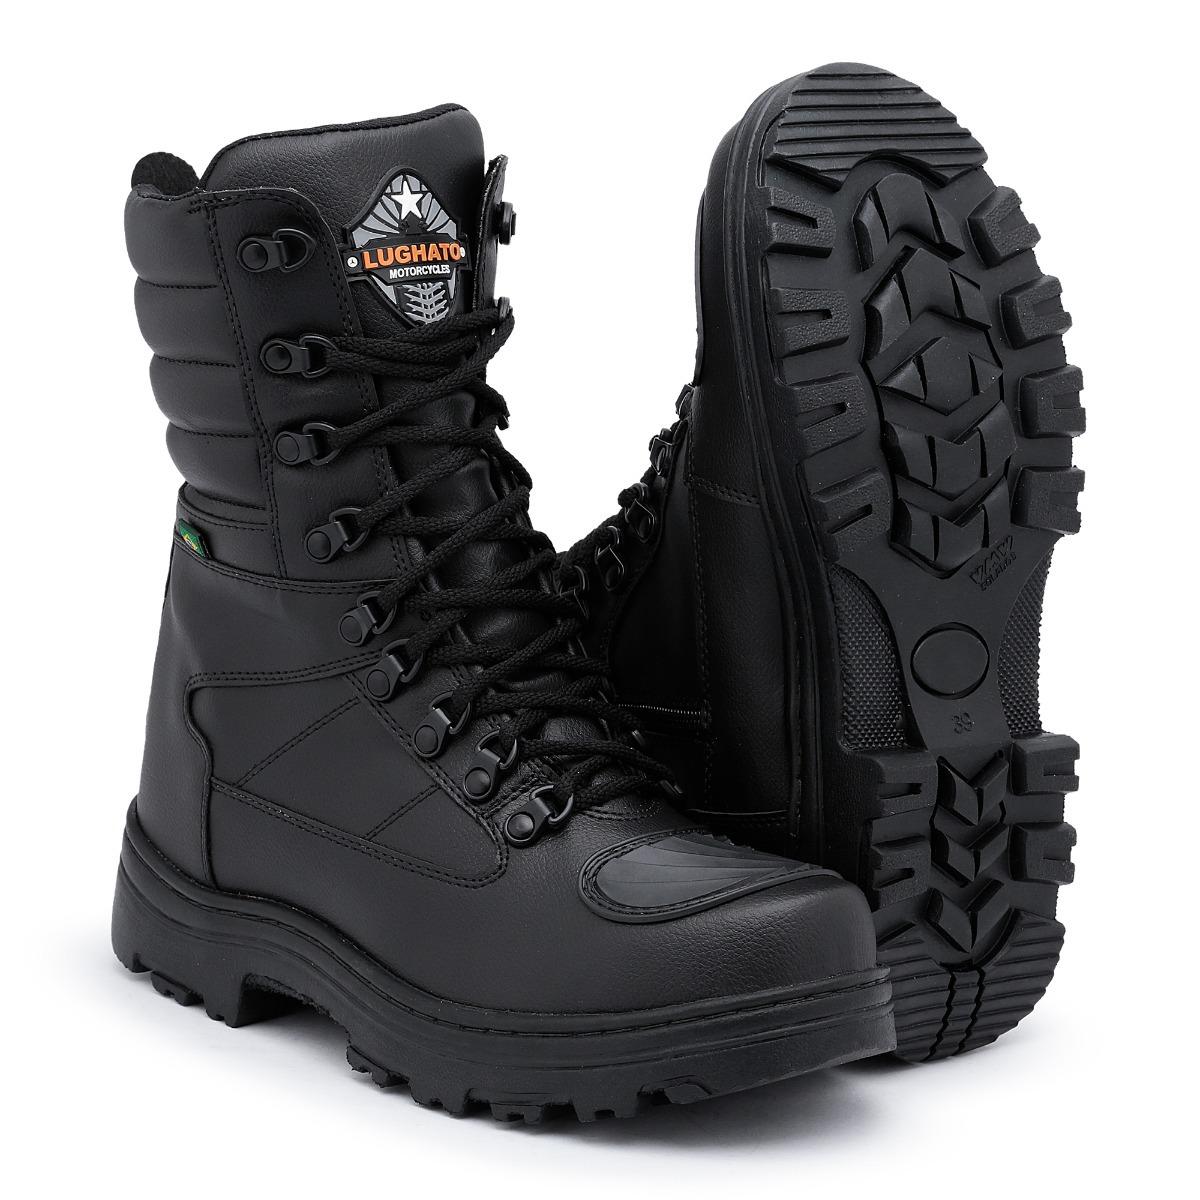 42f1e1271b534 Coturno Motociclista Bota Militar Lughato Kit 2 Pares - R$ 600,00 em ...